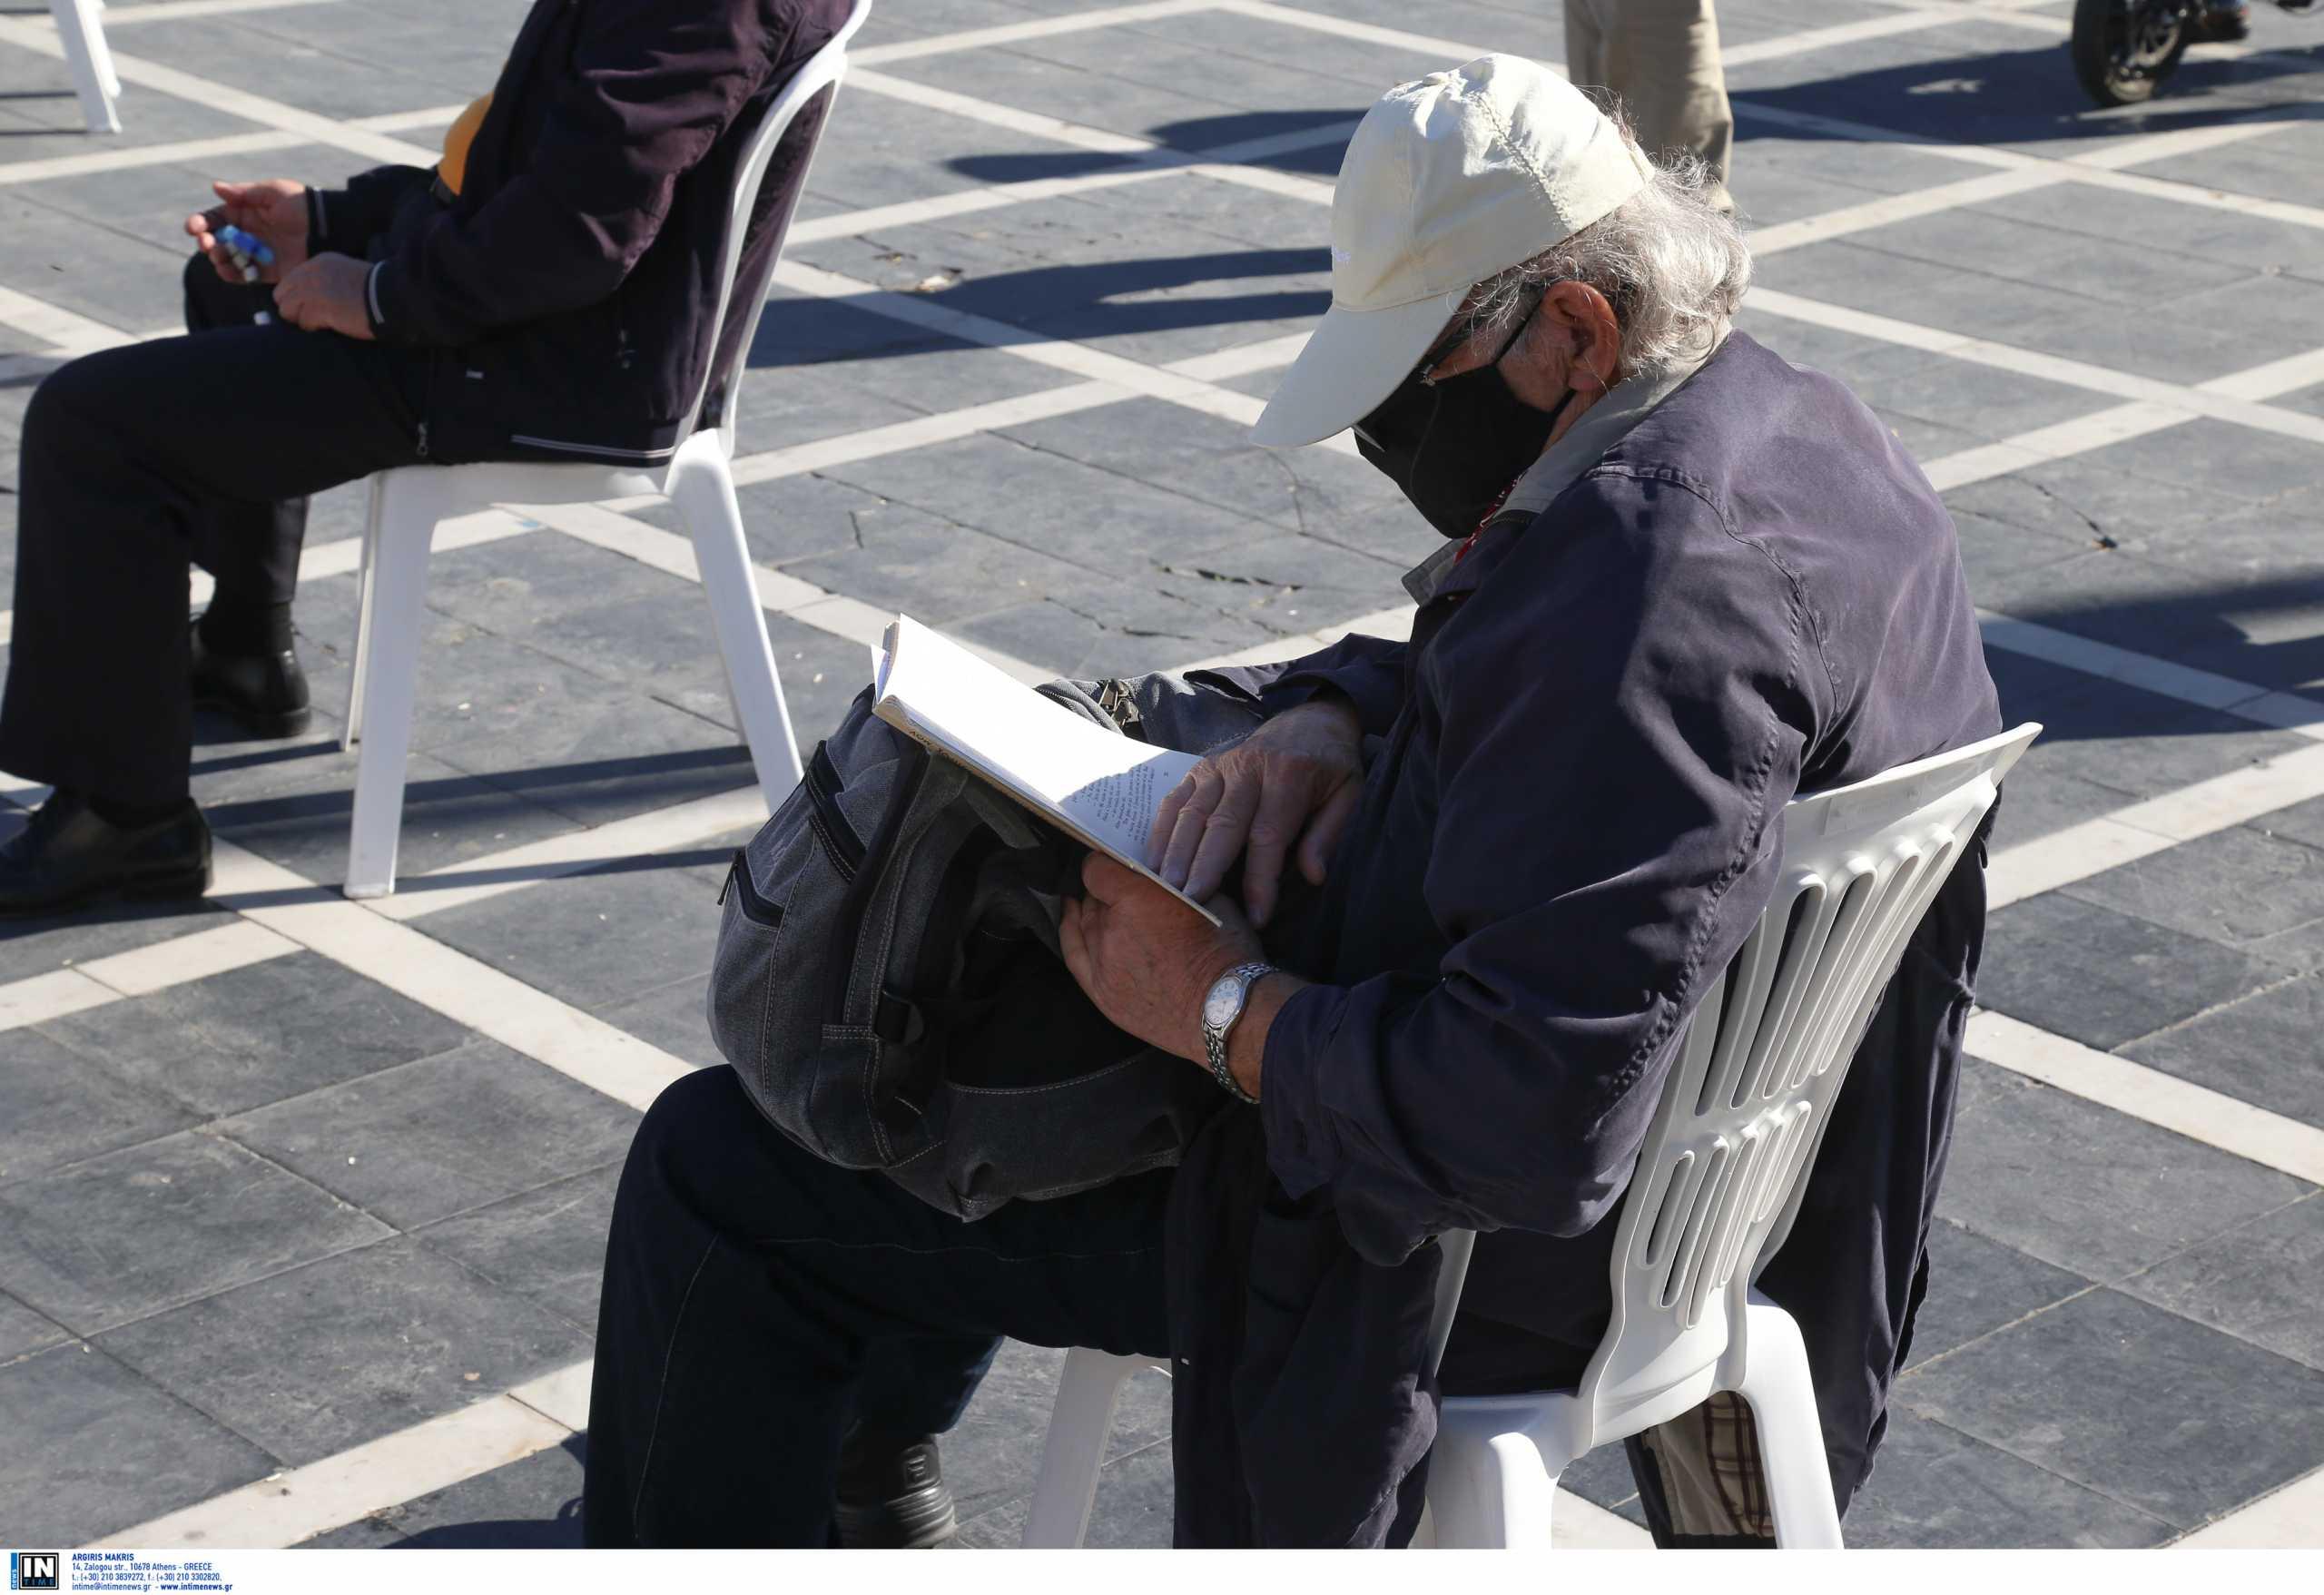 Συντάξεις: Η αλήθεια για τα όρια συνταξιοδότησης - Τι αλλάζει από 1/1/2022